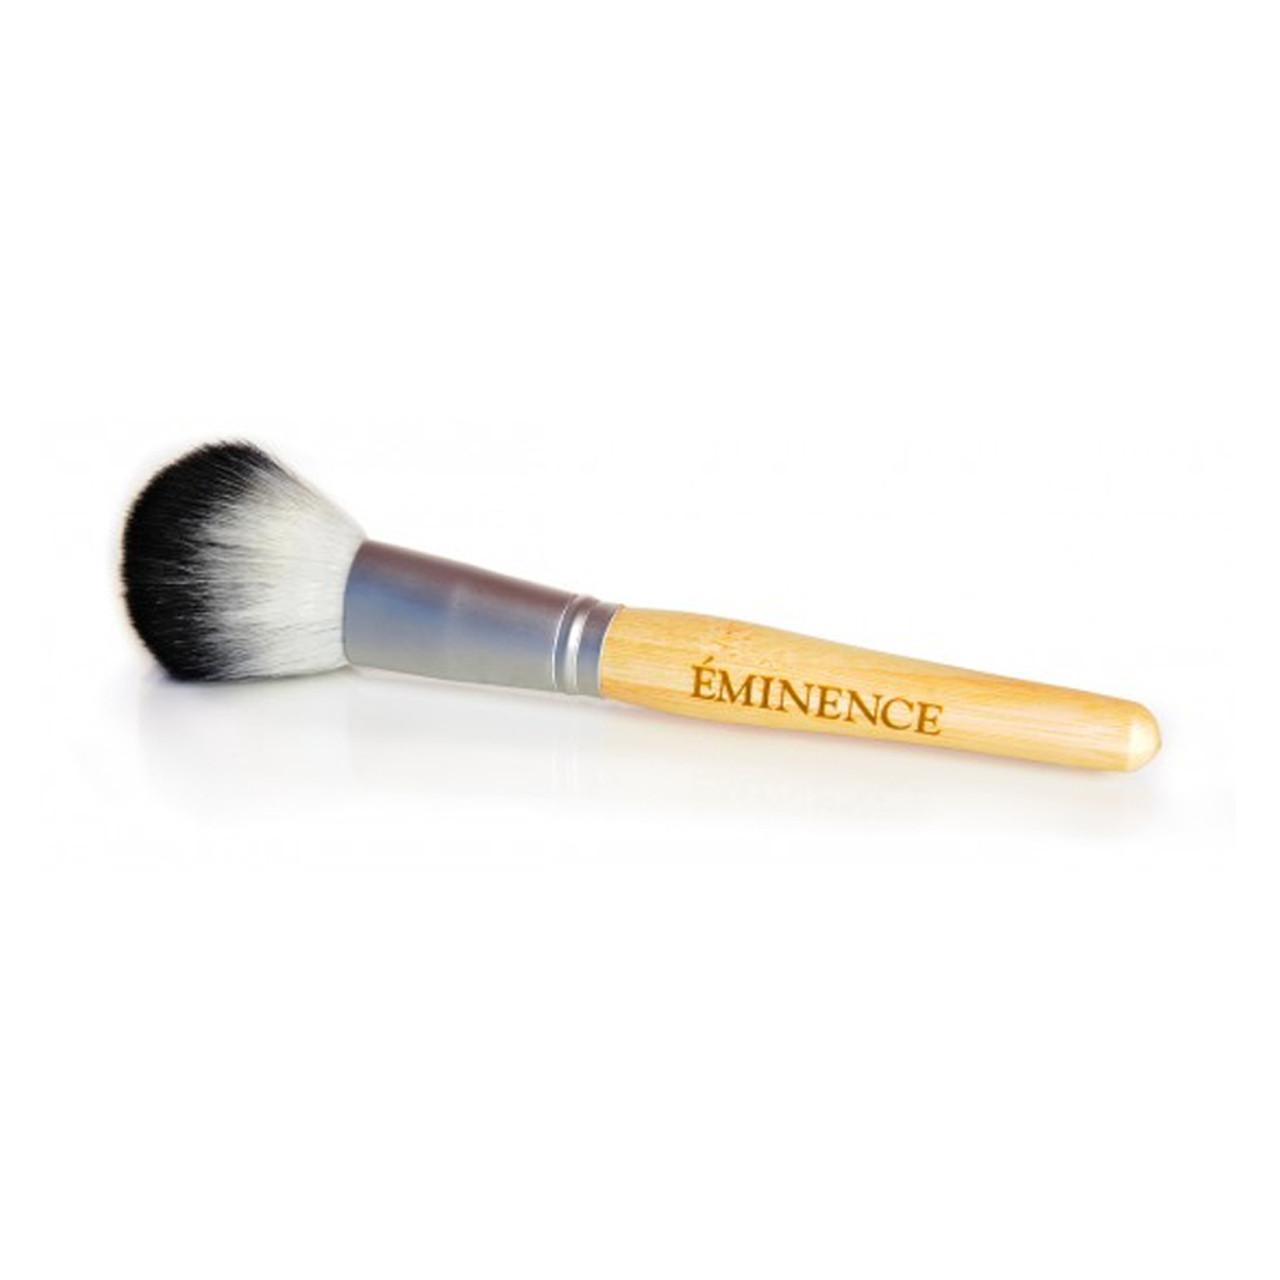 Eminence Powder Brush